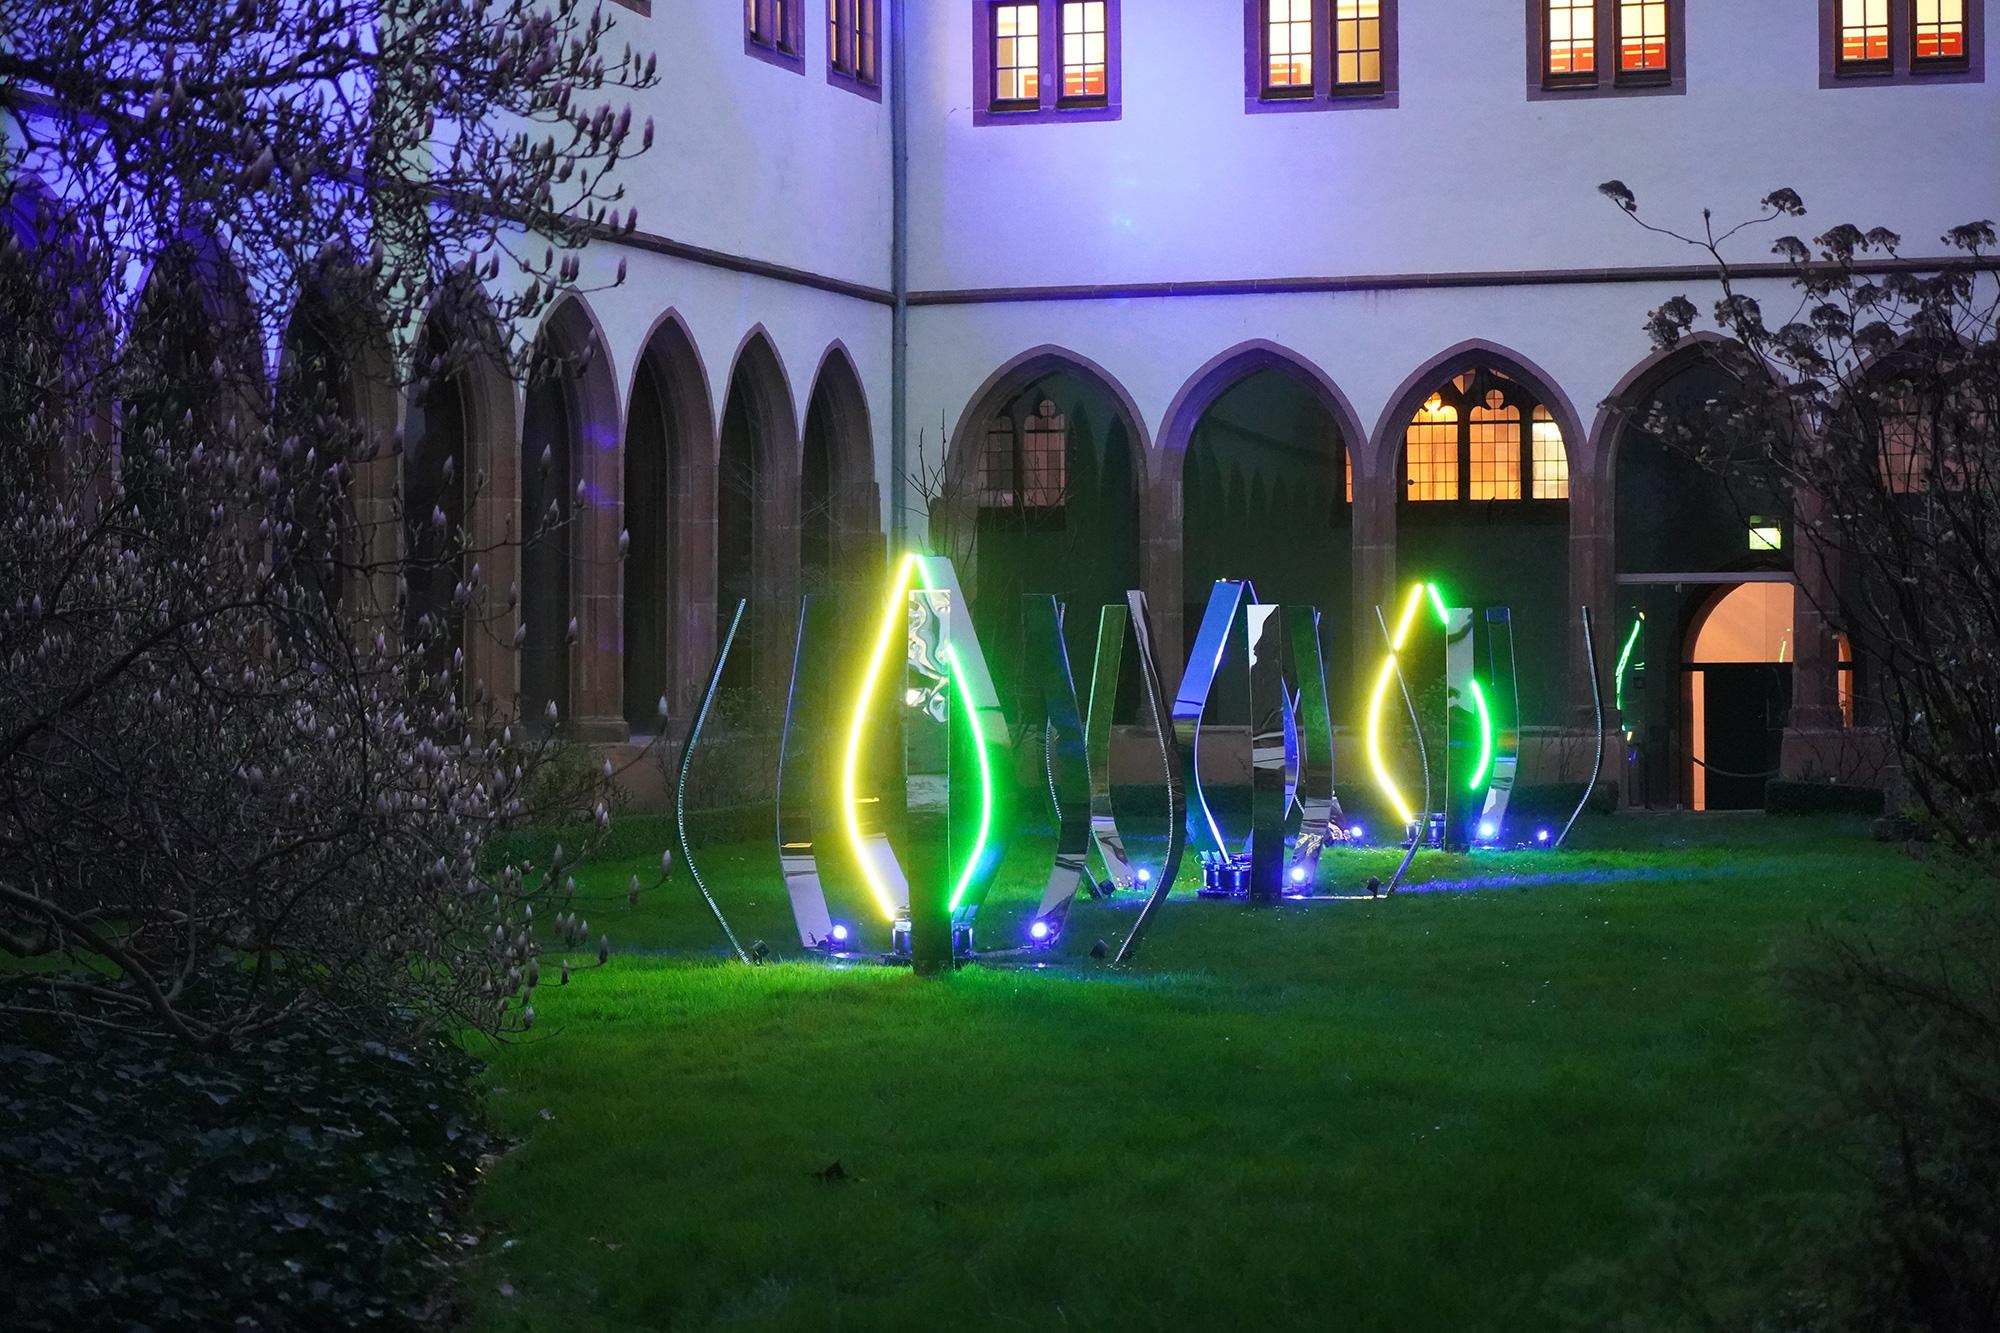 Malte Kebbel - Light Anemones - Karmeliterkloster 8